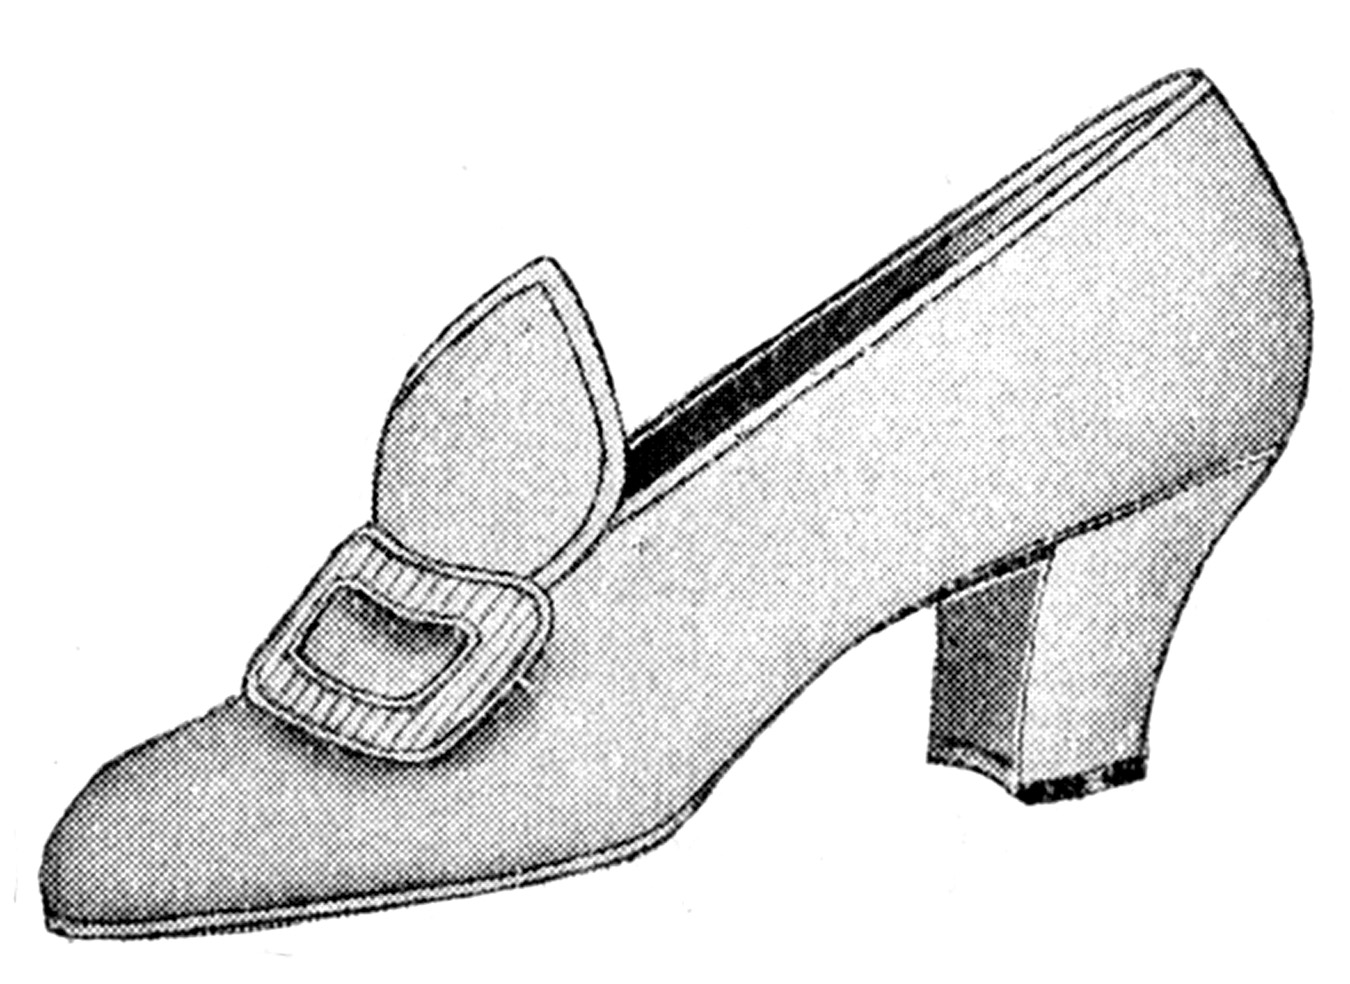 Vintage Clip Art - Ladies Shoes - The Graphics Fairy